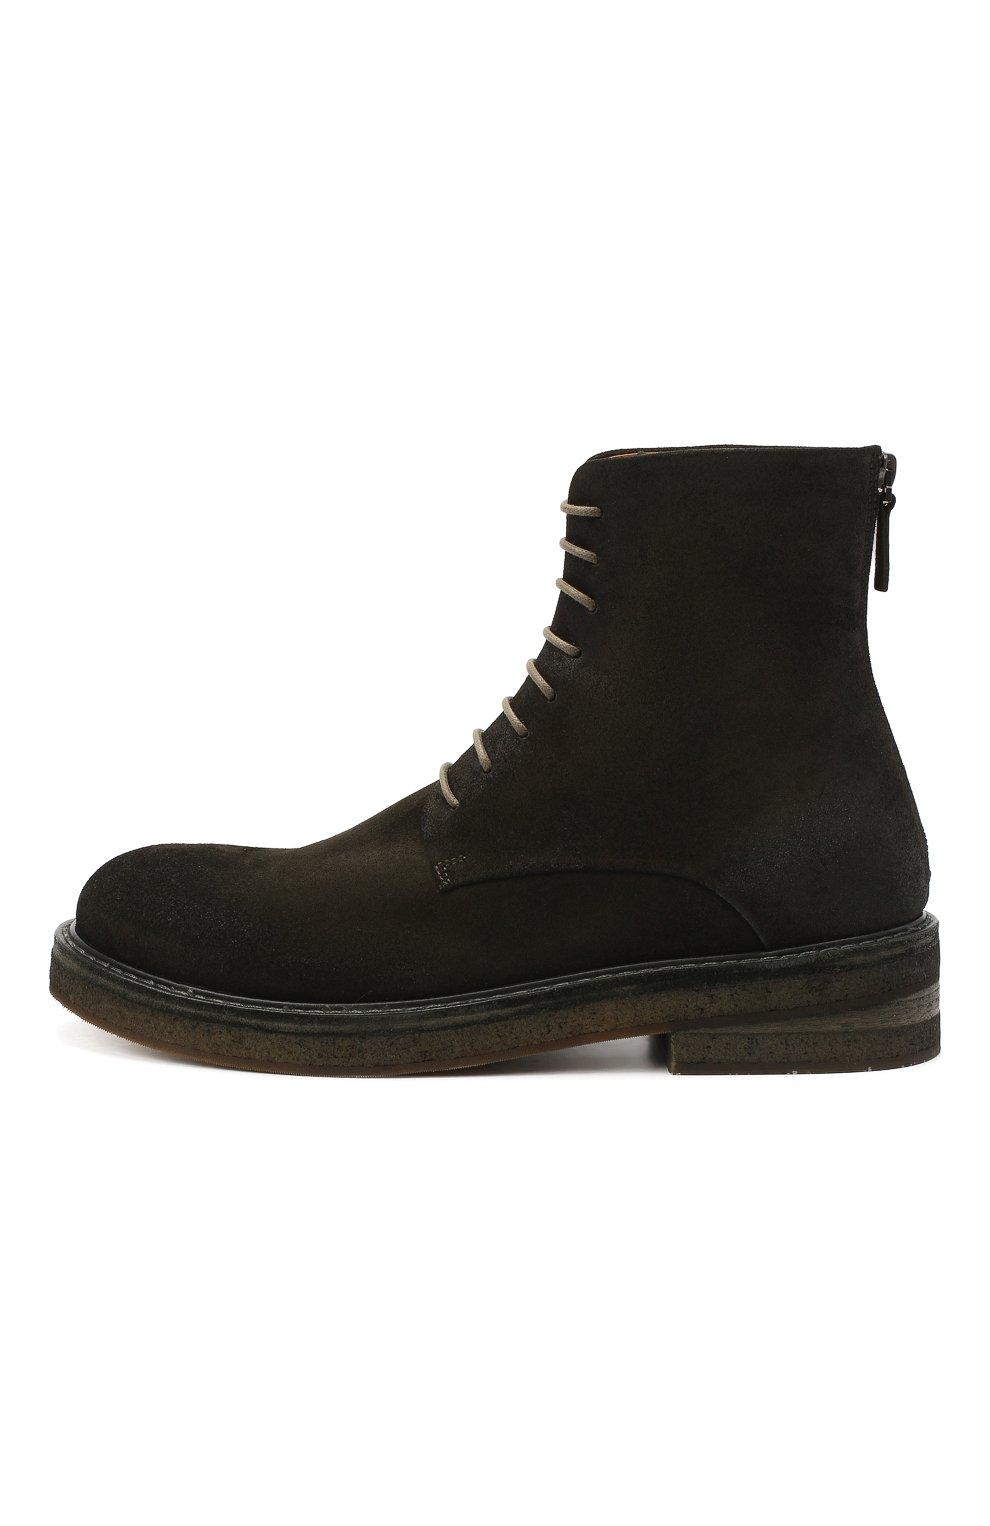 Мужские замшевые ботинки MARSELL зеленого цвета, арт. MM2961/PELLE R0VESCI0 | Фото 3